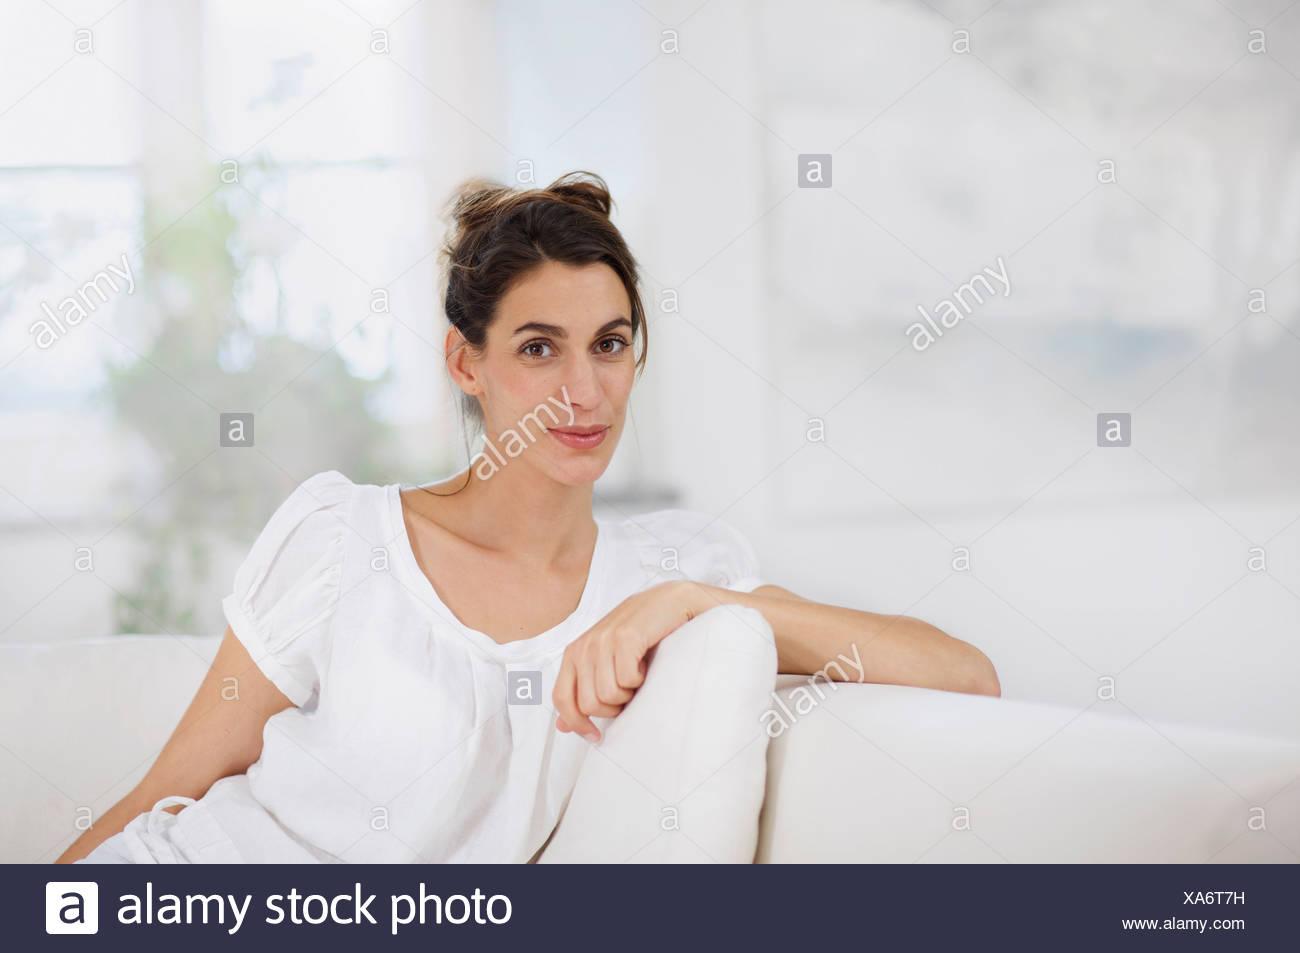 Détente Femme sophistiquée Photo Stock